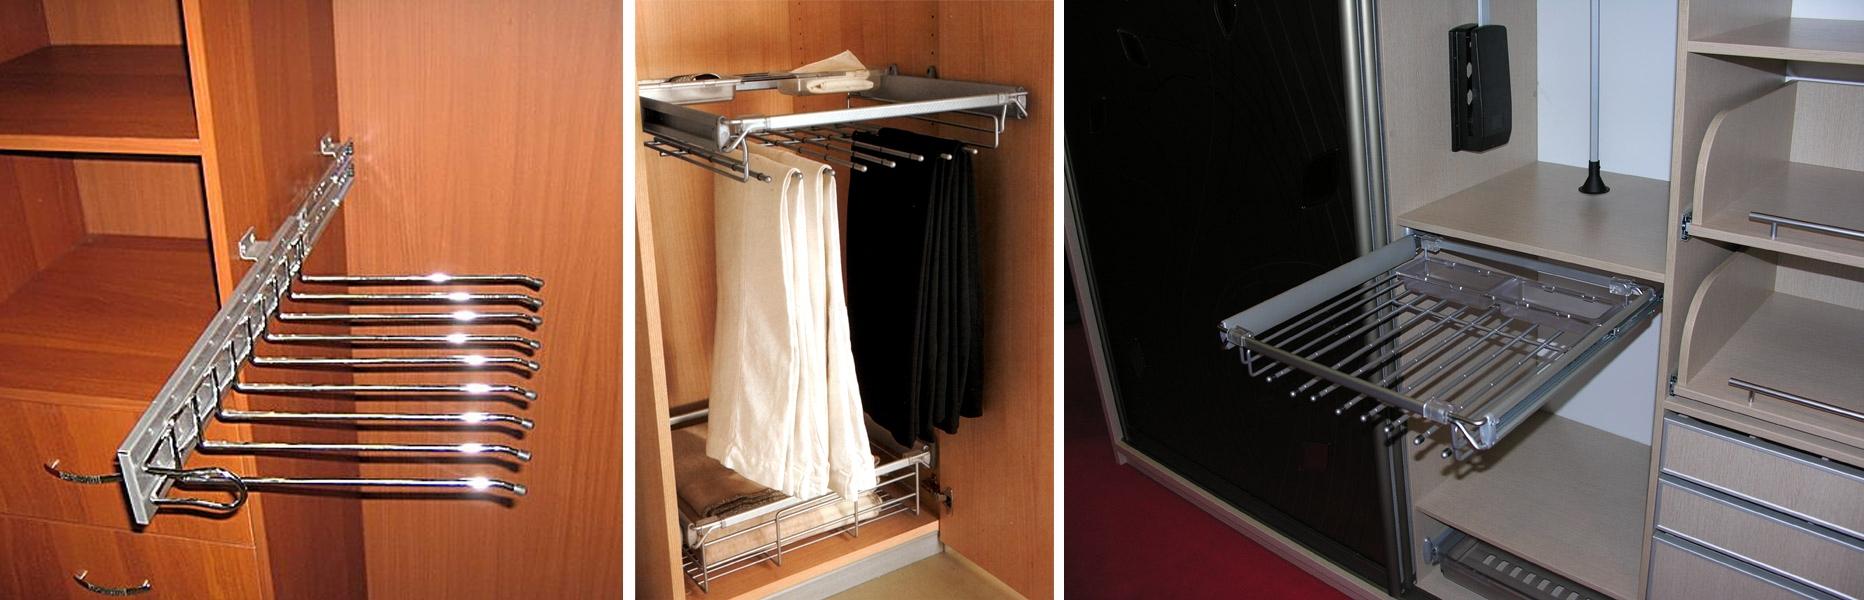 фото выдвижных вешалок для шкафа в прихожую